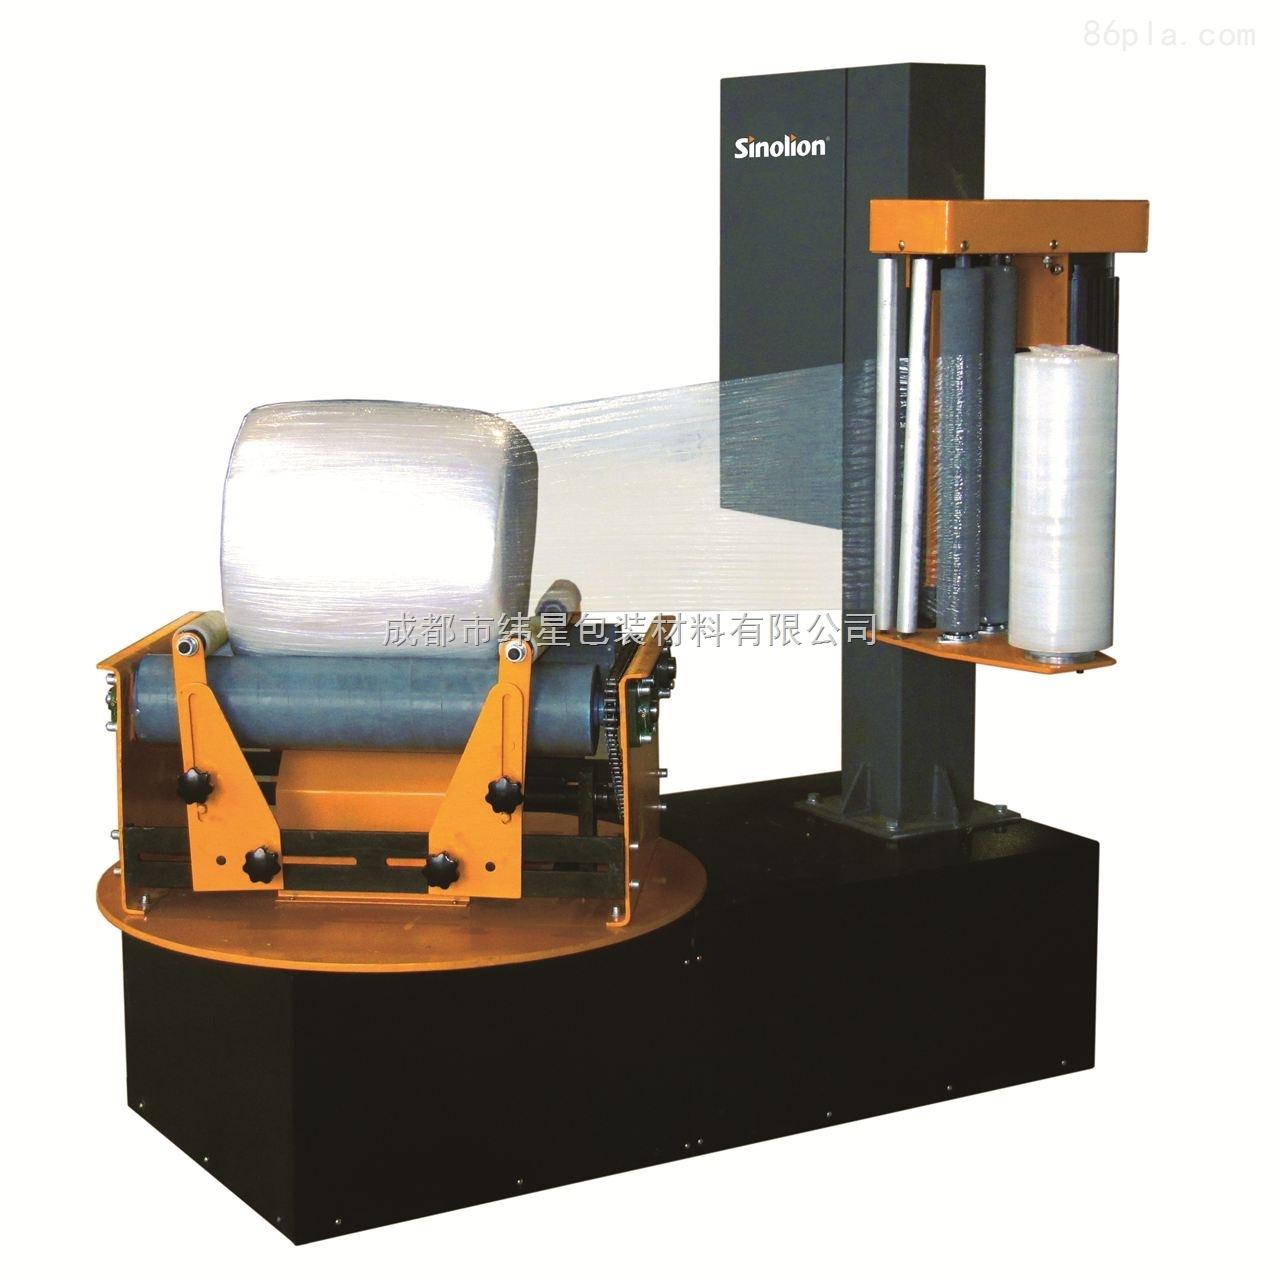 四川打包设备P500F小圆筒式缠绕包装机